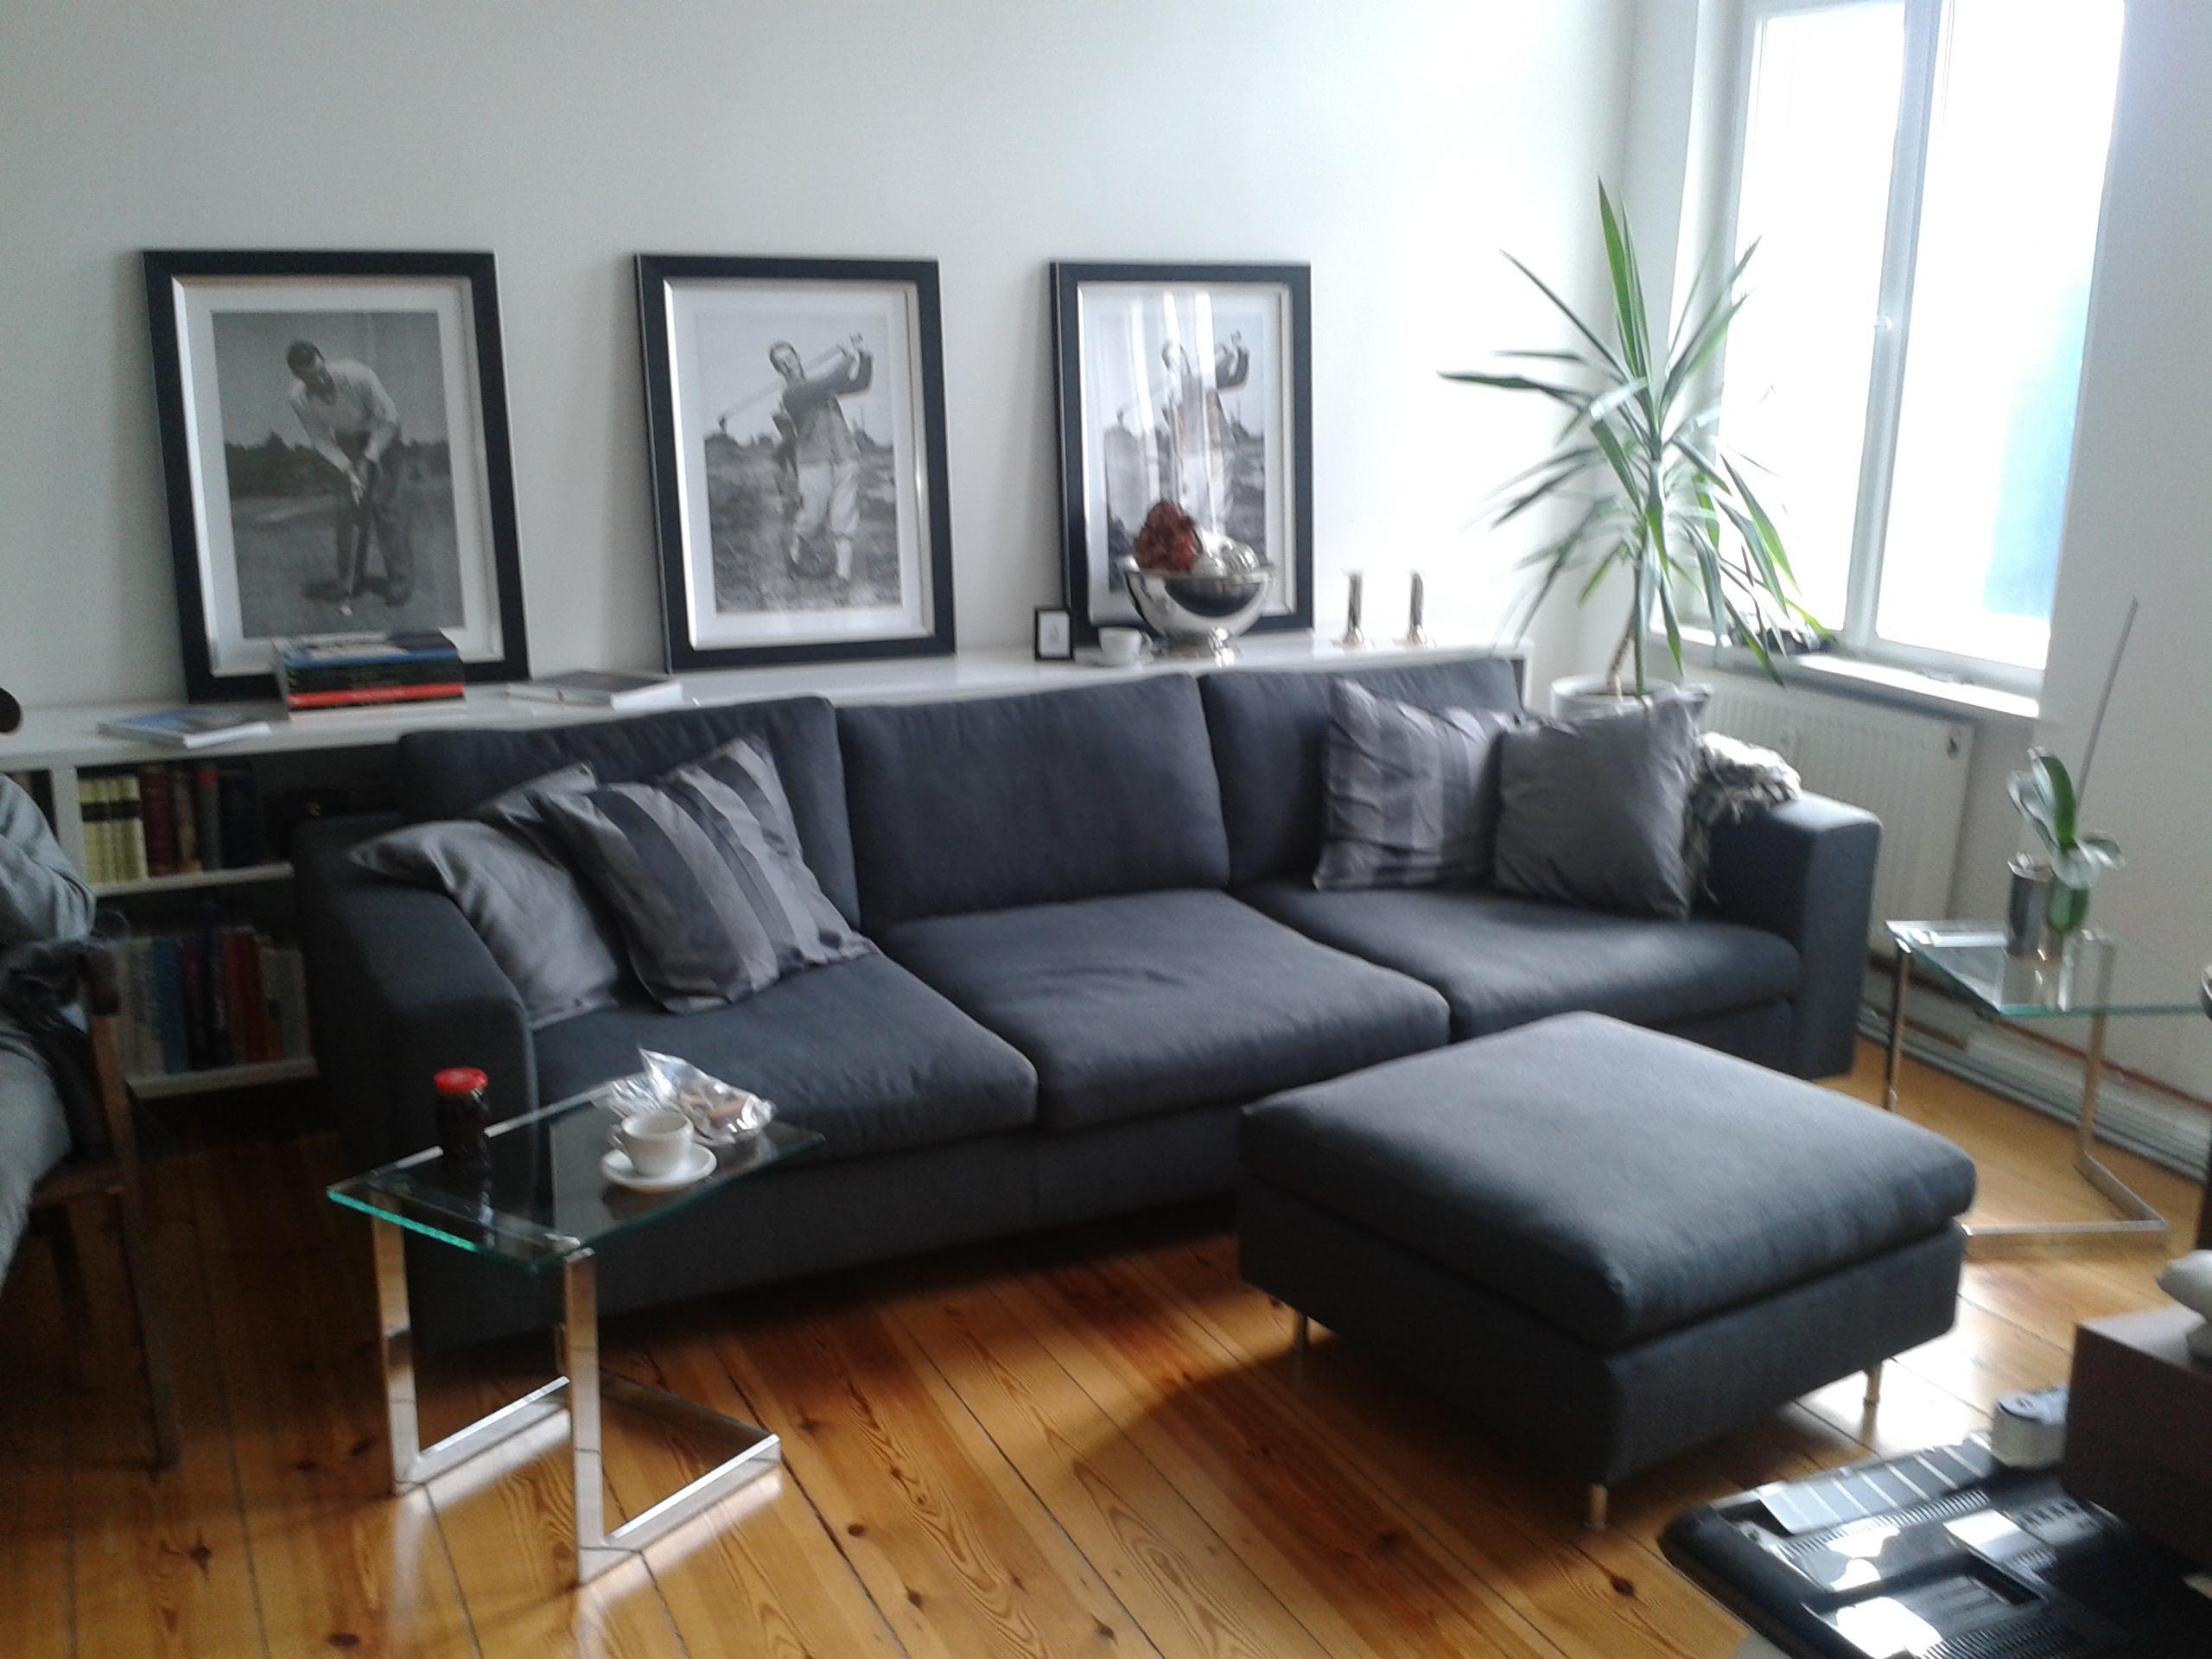 beistelltisch • bilder & ideen • couchstyle, Wohnzimmer